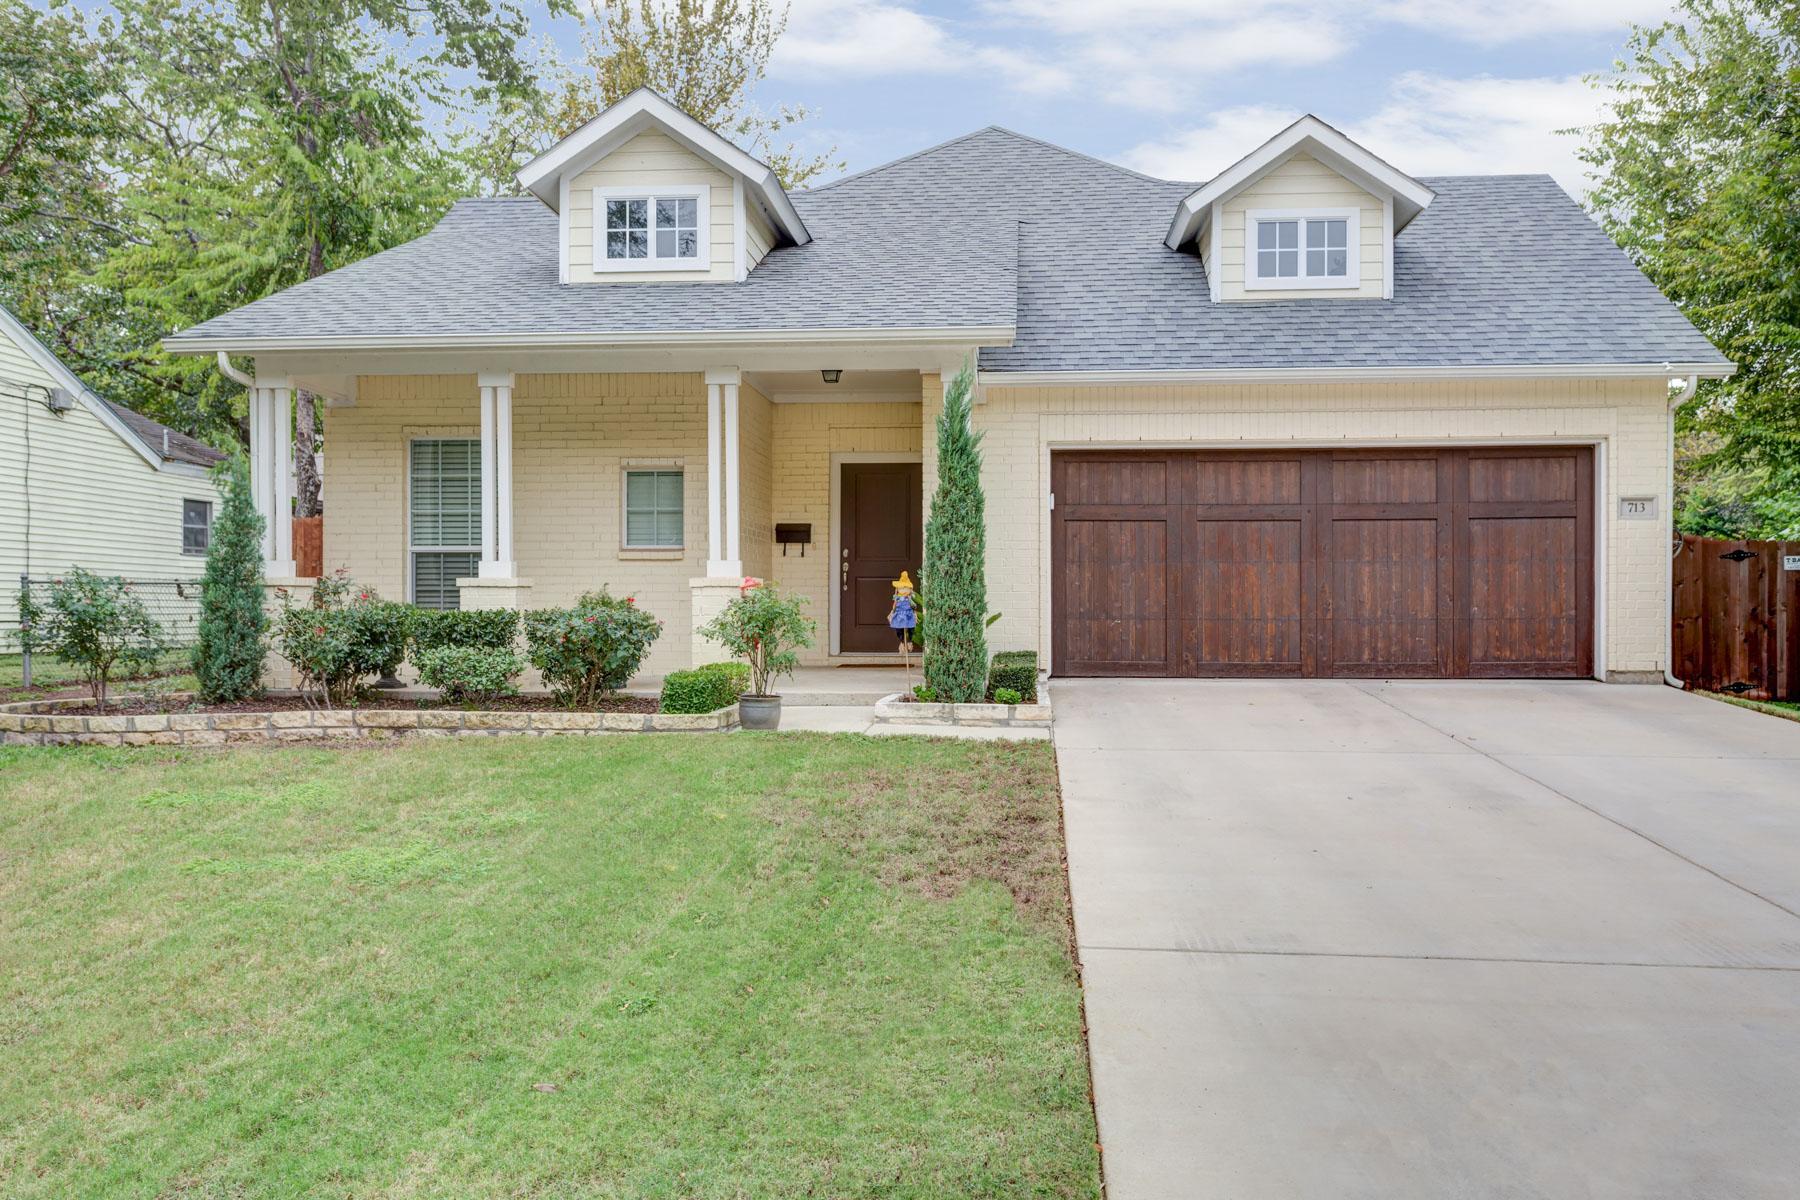 一戸建て のために 売買 アット 713 N Bailey Avenue, Fort Worth Fort Worth, テキサス, 76107 アメリカ合衆国